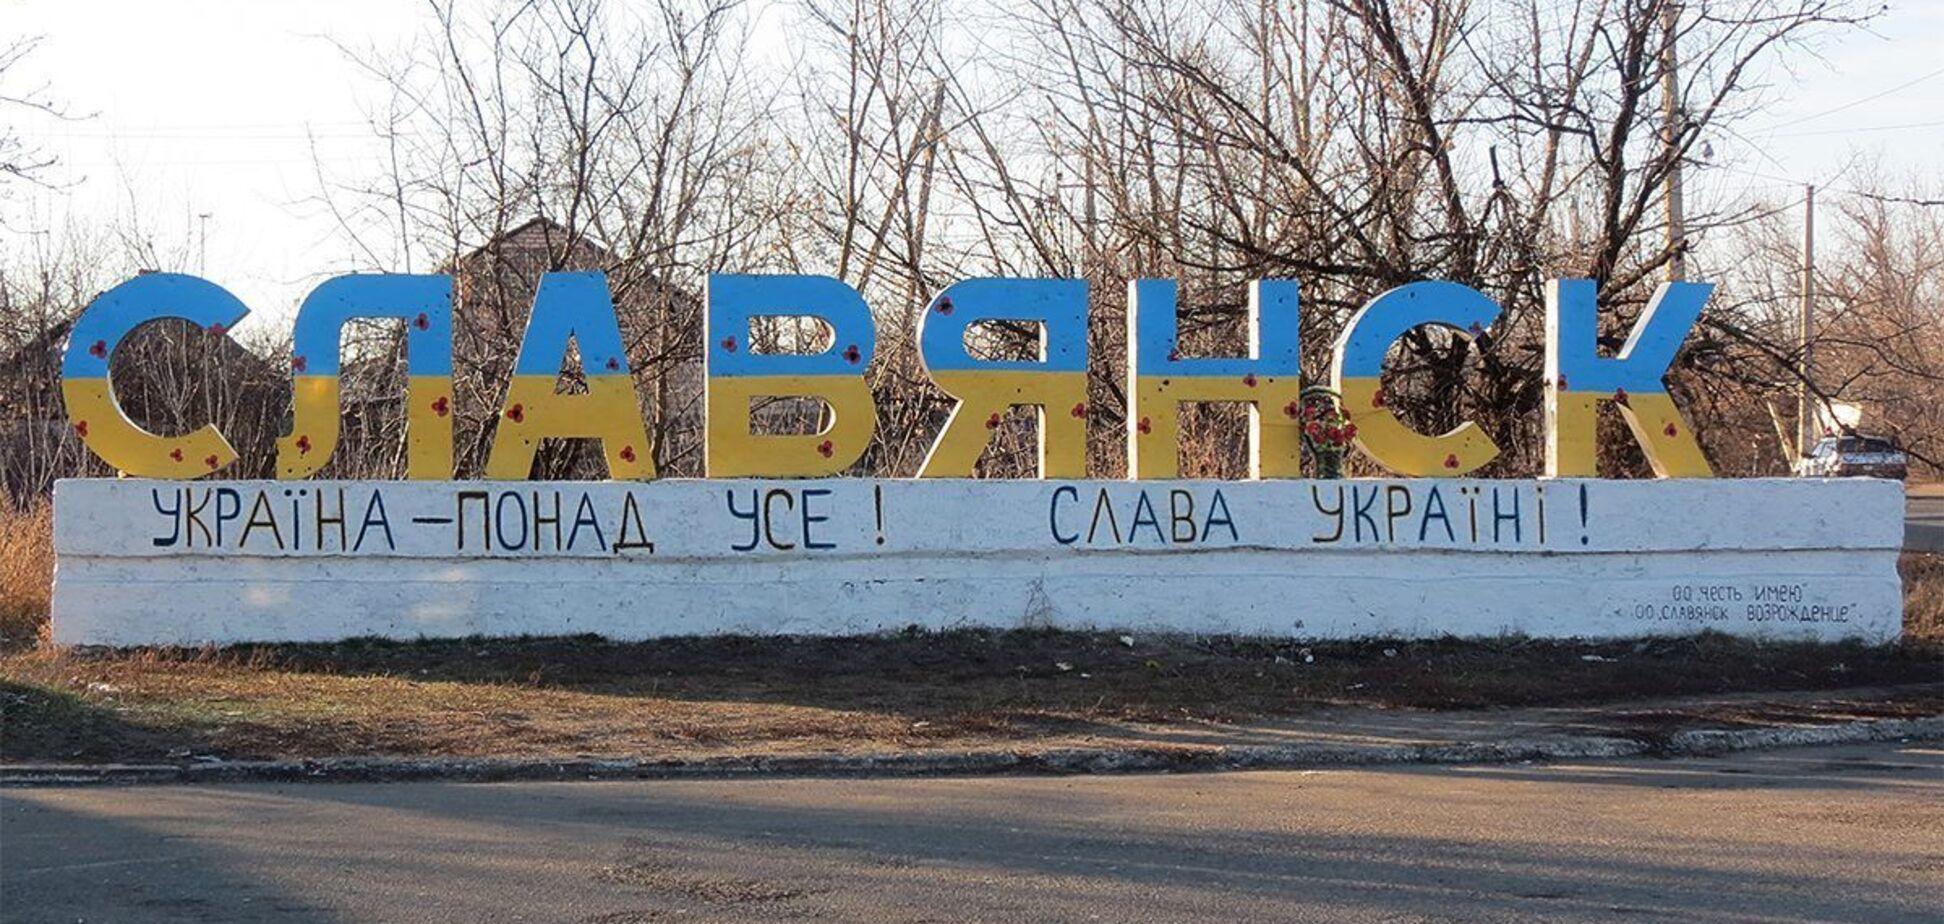 Фильм 'Славянск. Начало войны' получил престижную награду в Украине